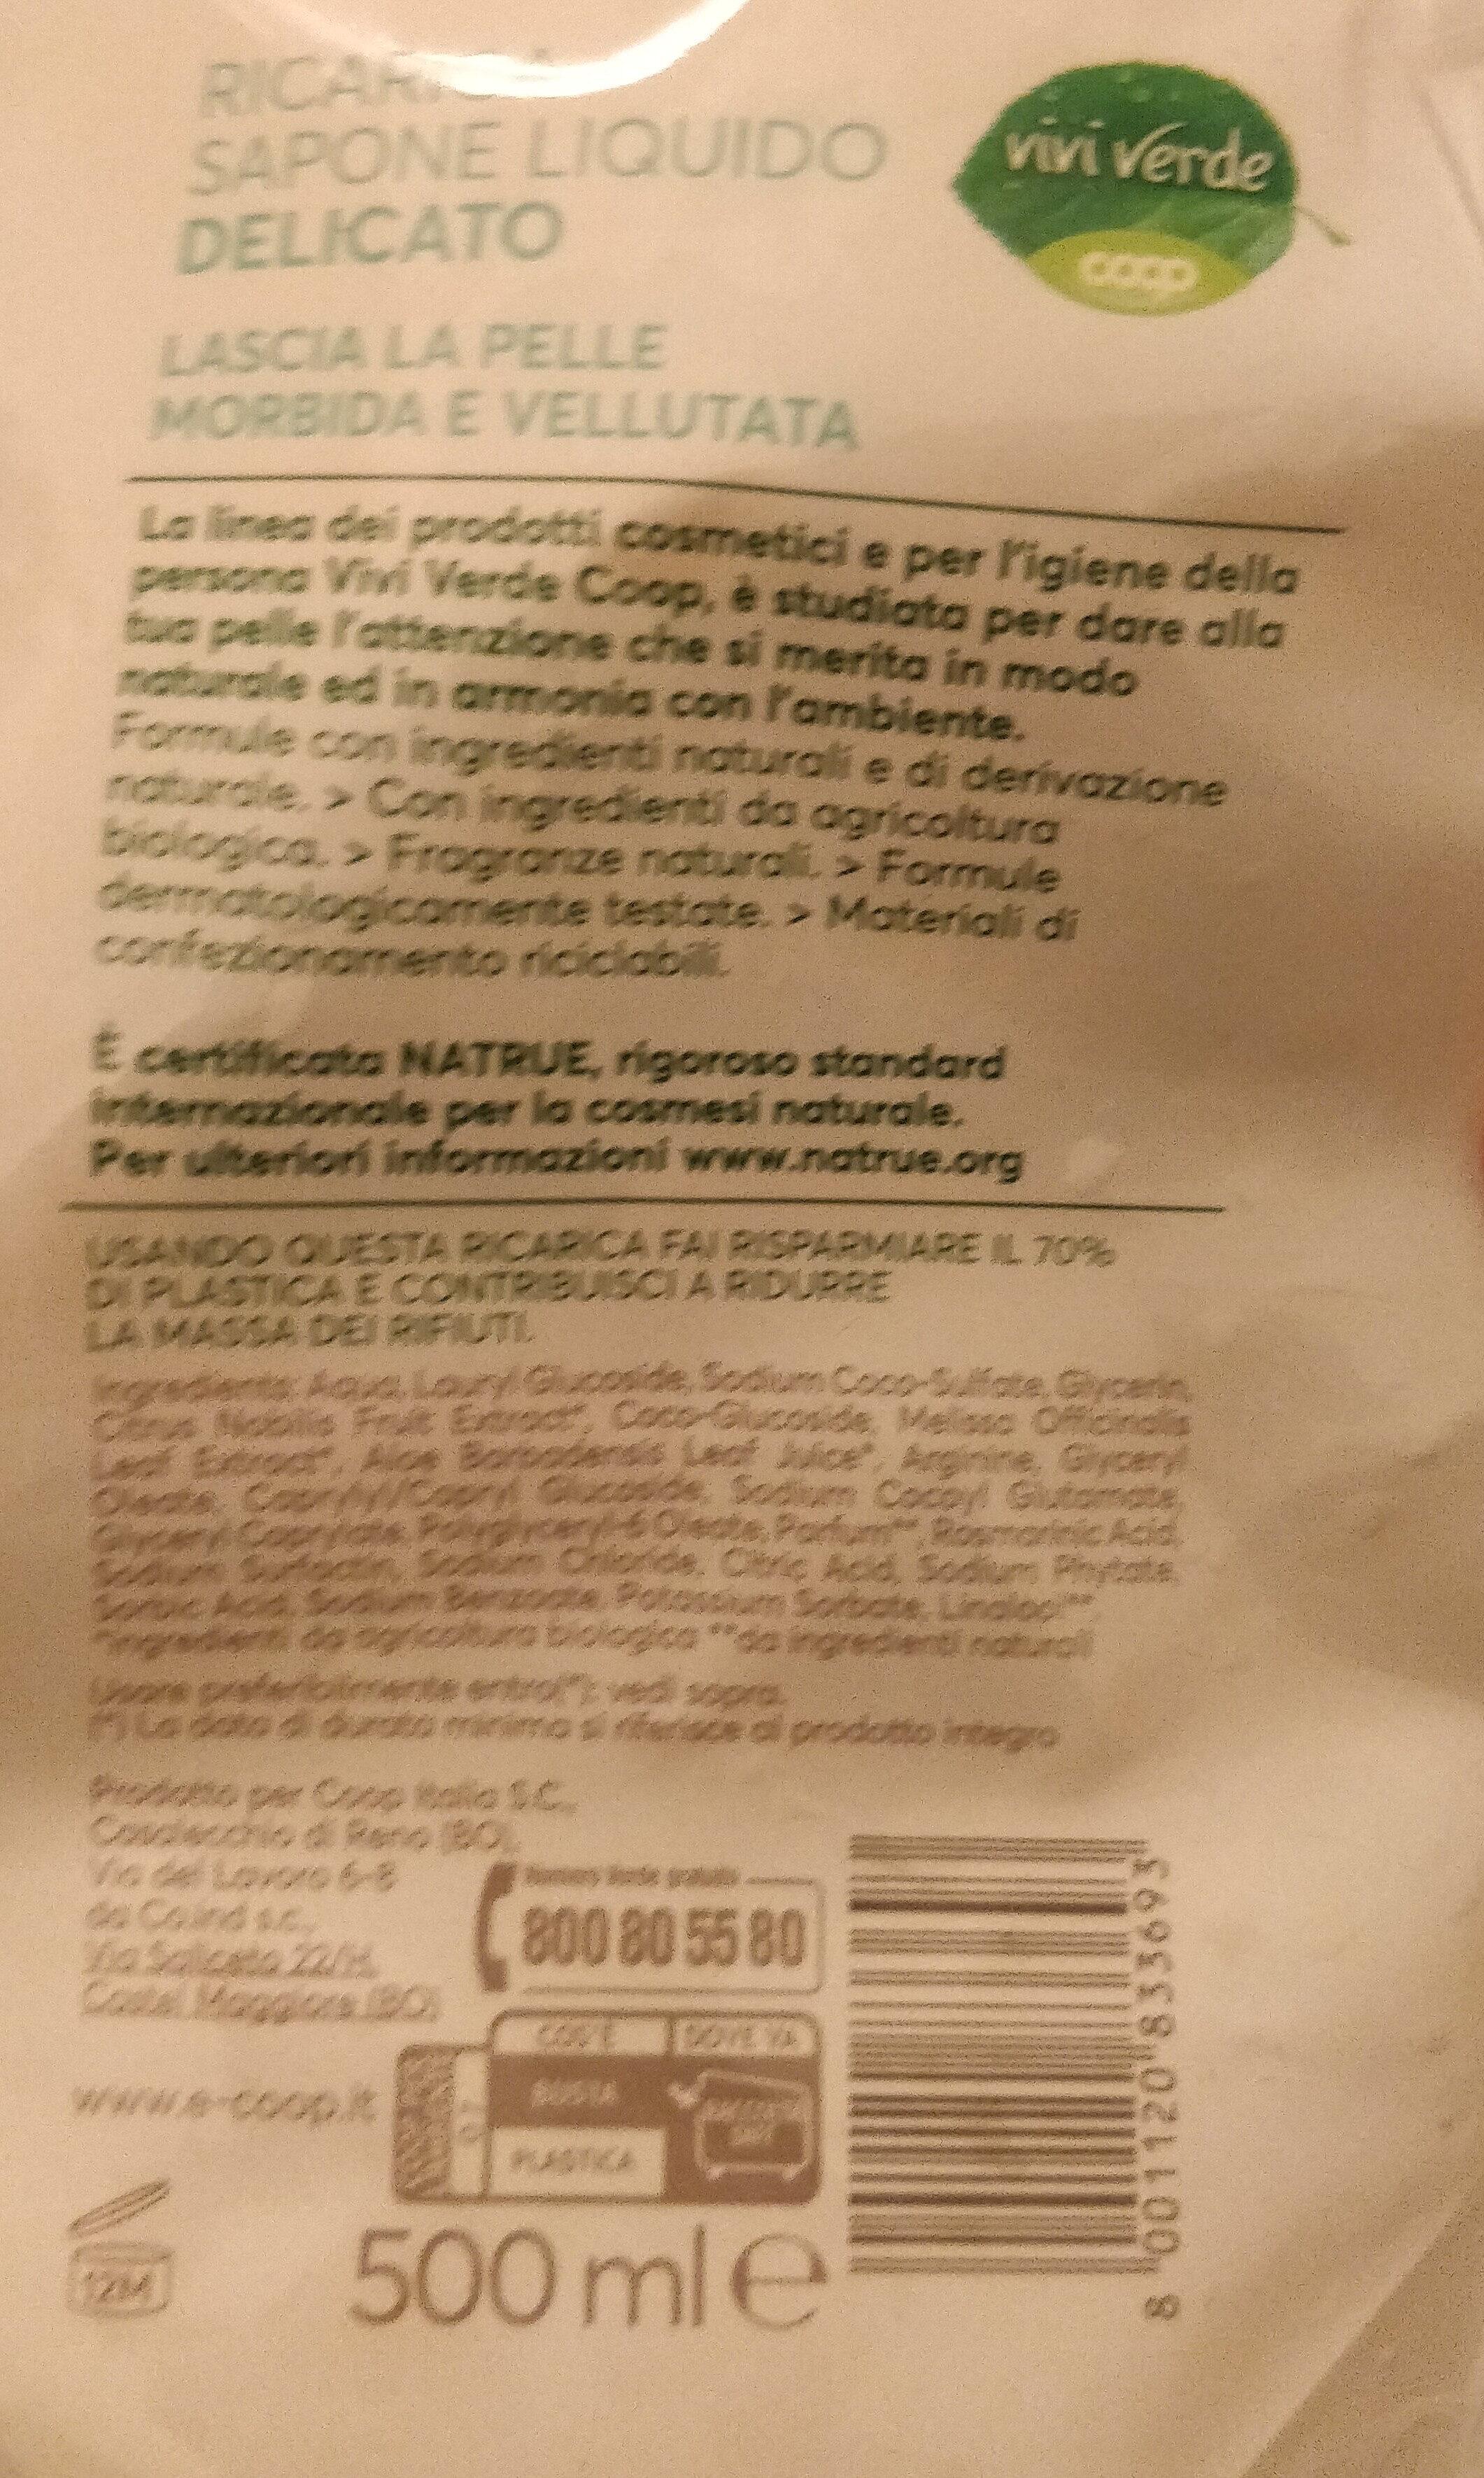 Ricarica sapone liquido delicato - Product - en